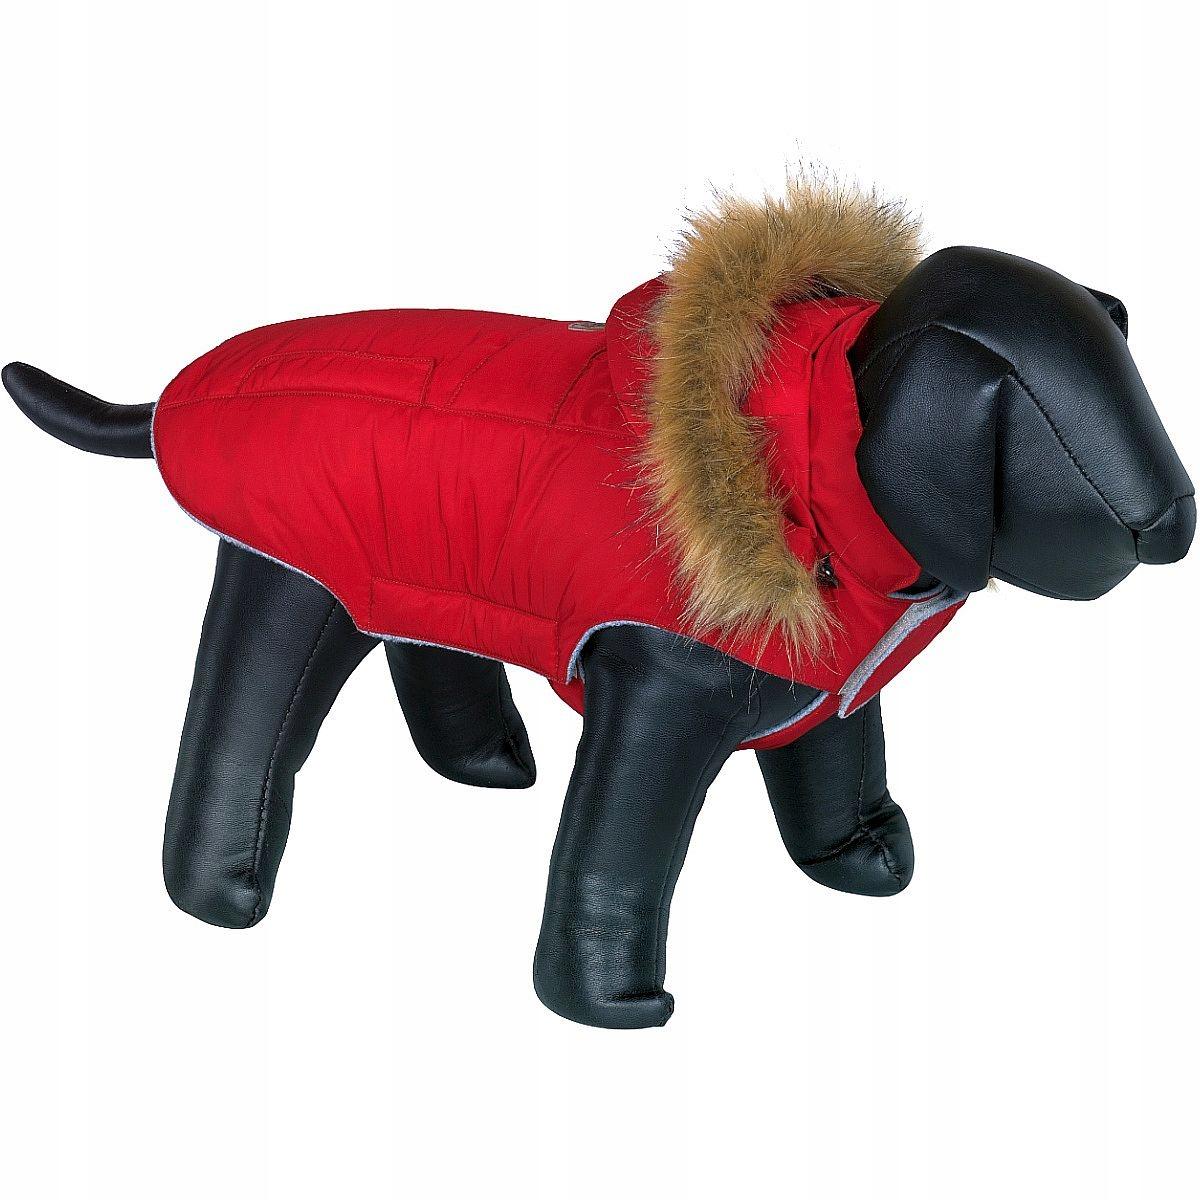 Farby, bunda pre PSOV, L, odnímateľná kapucňa, fleece Suchým zipsom